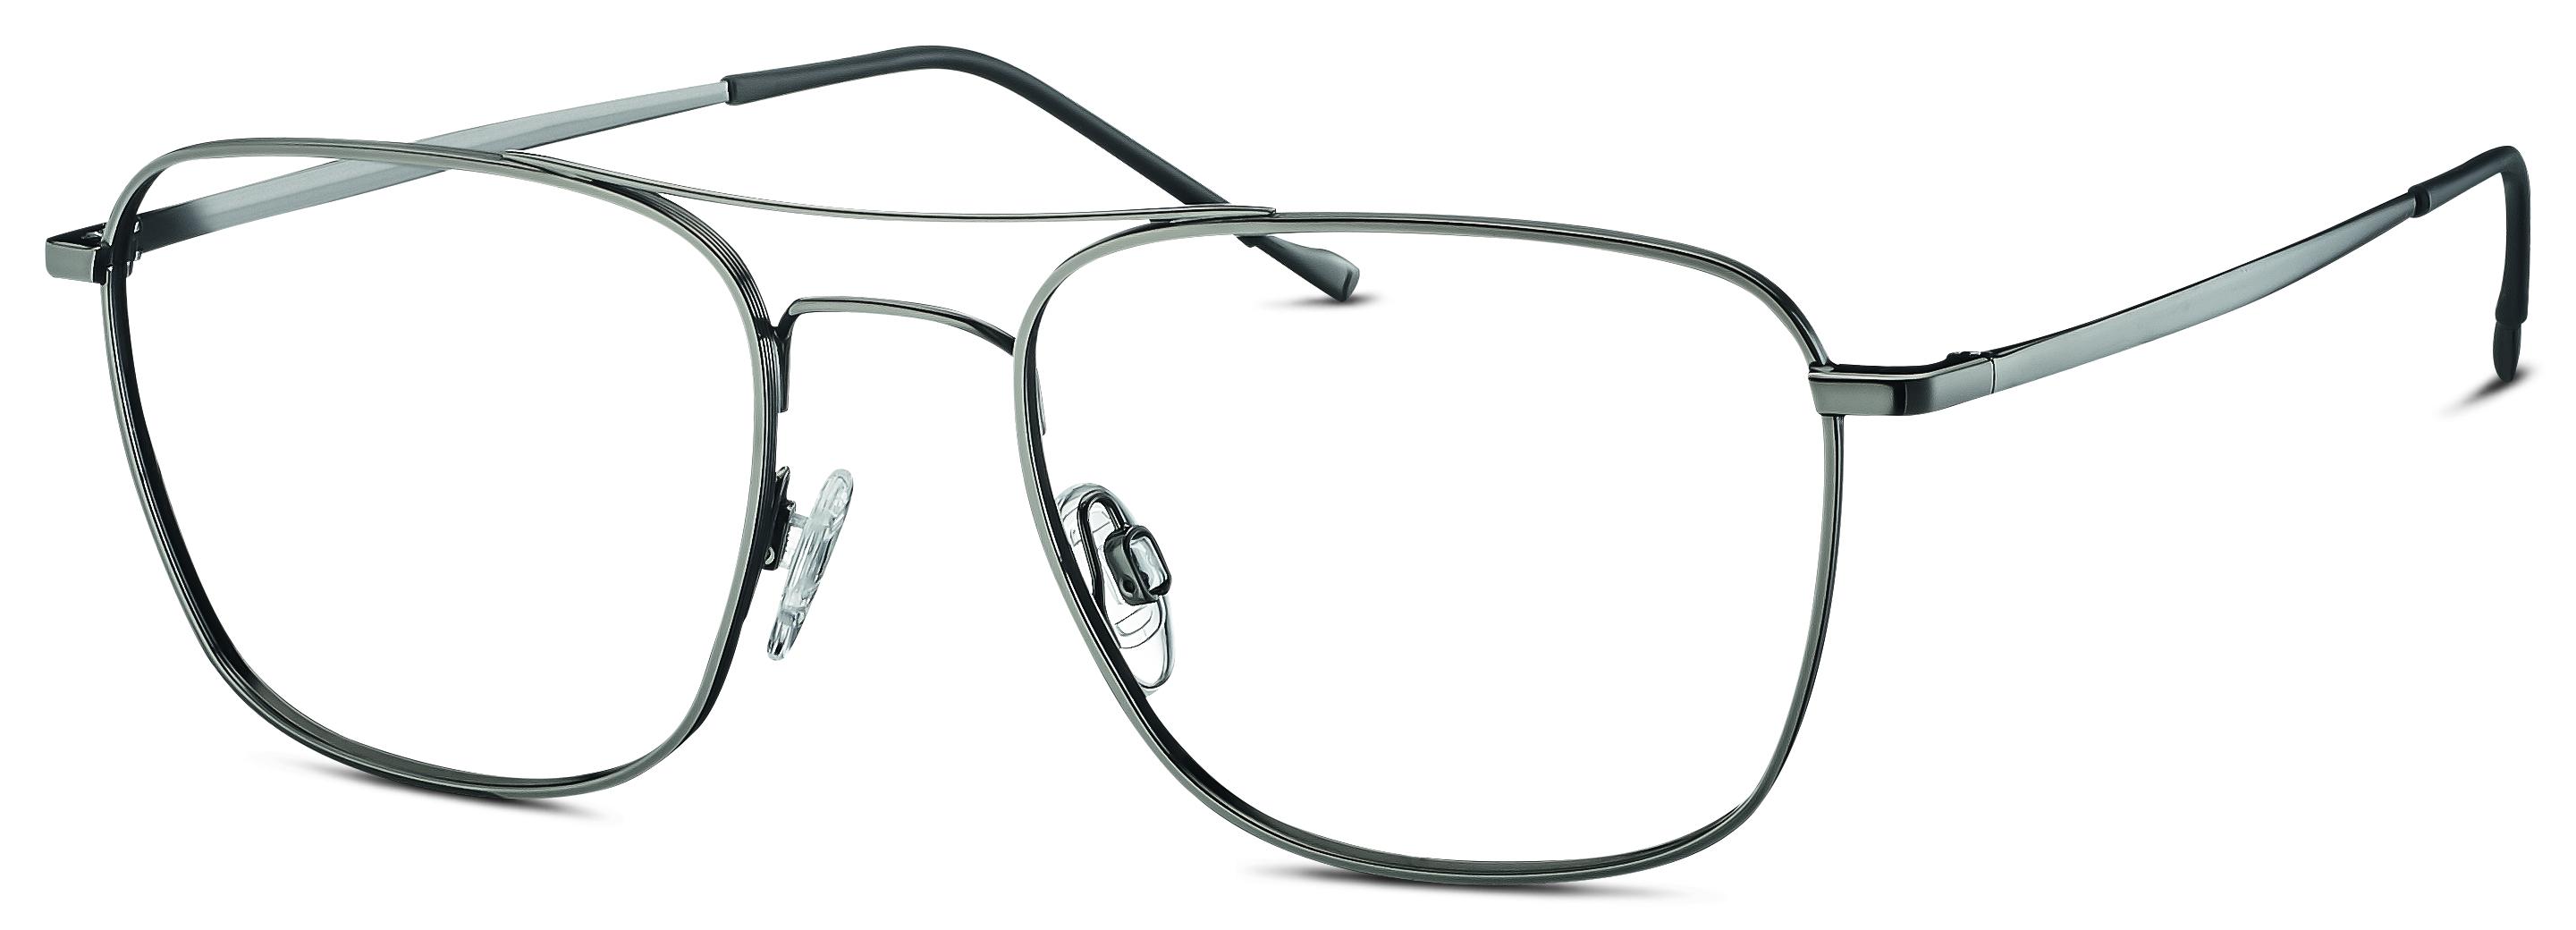 TITANflex Brille 820844 30